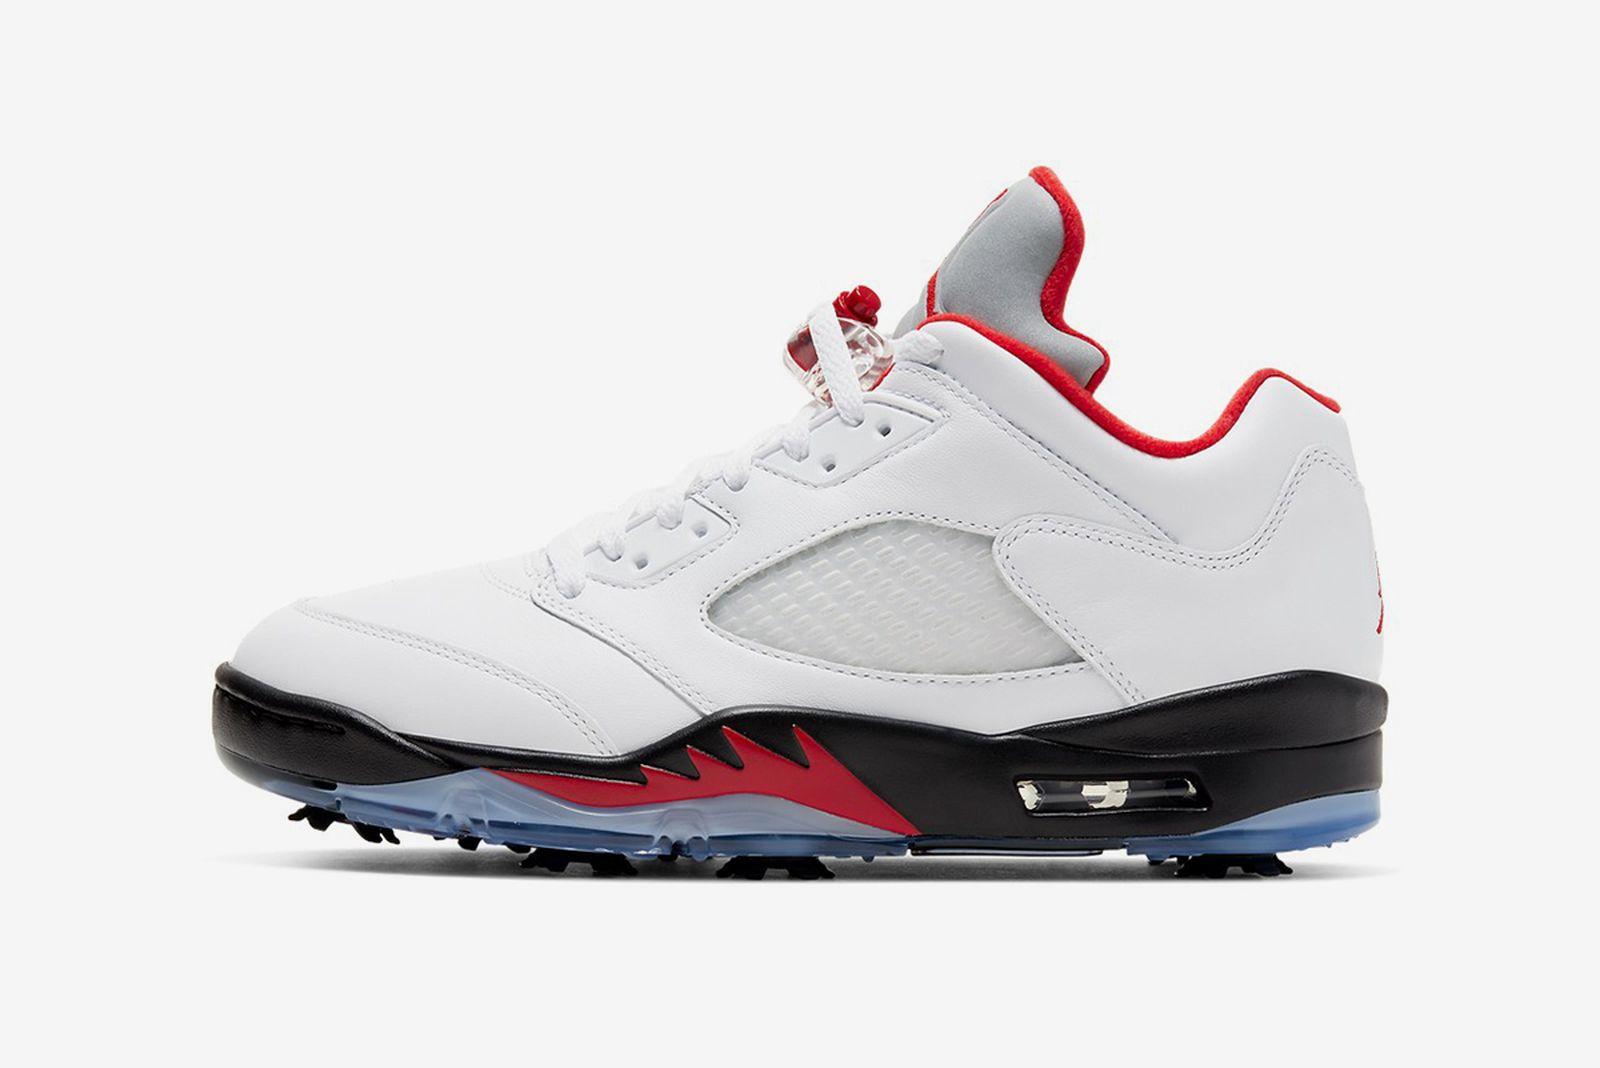 nike-golf-sneakers-02